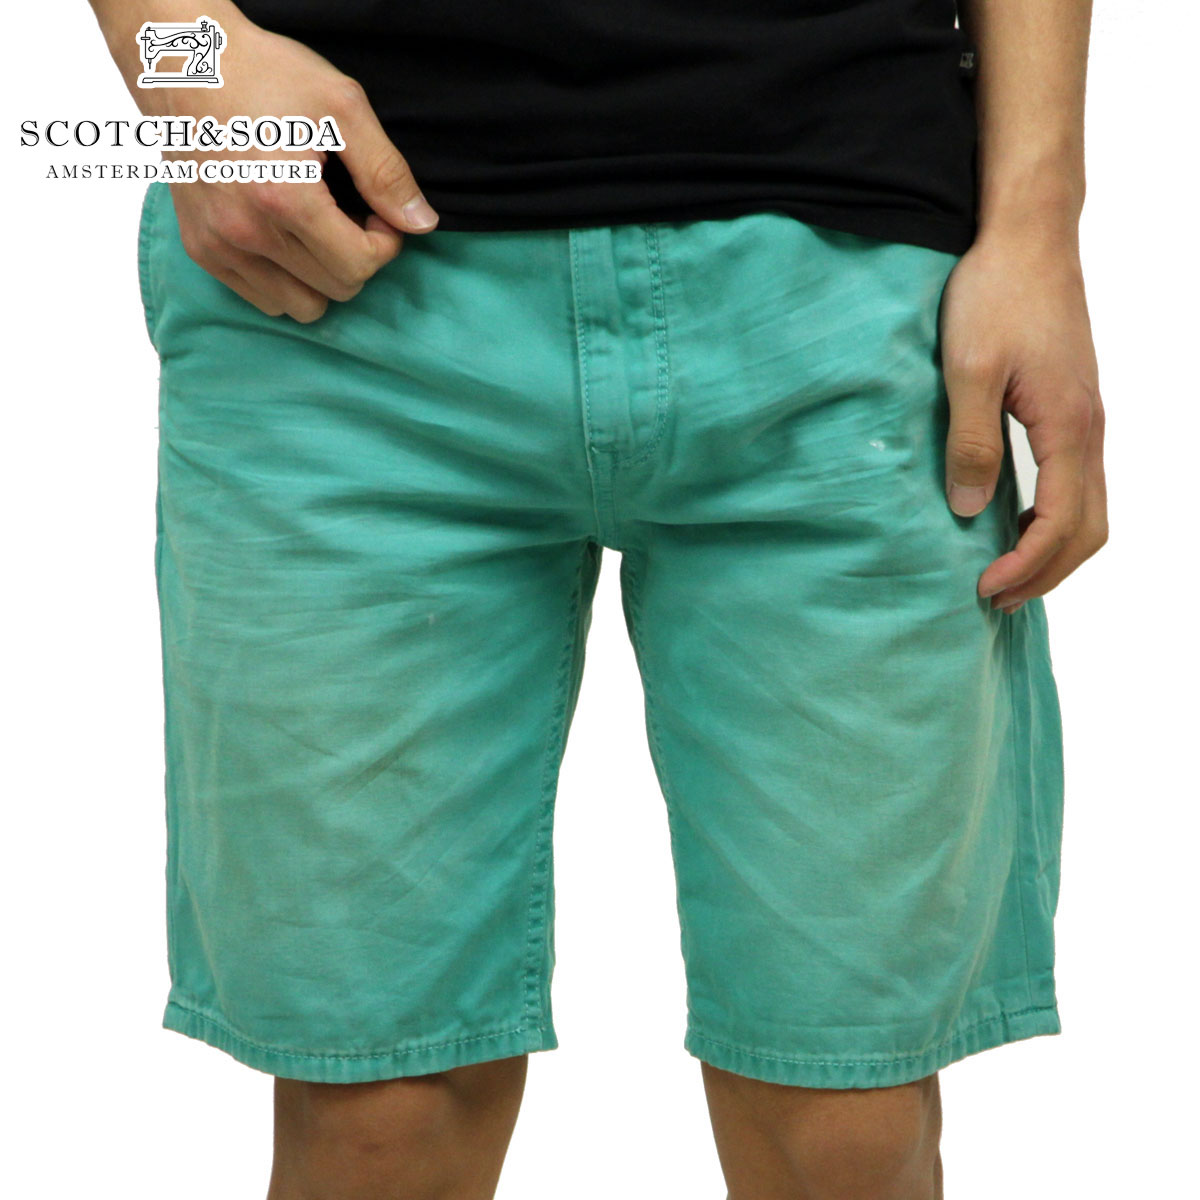 【販売期間 4/13 15:00〜4/24 9:59】 スコッチアンドソーダ SCOTCH&SODA 正規販売店 メンズ ショートパンツ Freeman Chino short - Canvas Garment Dyes 87093 63